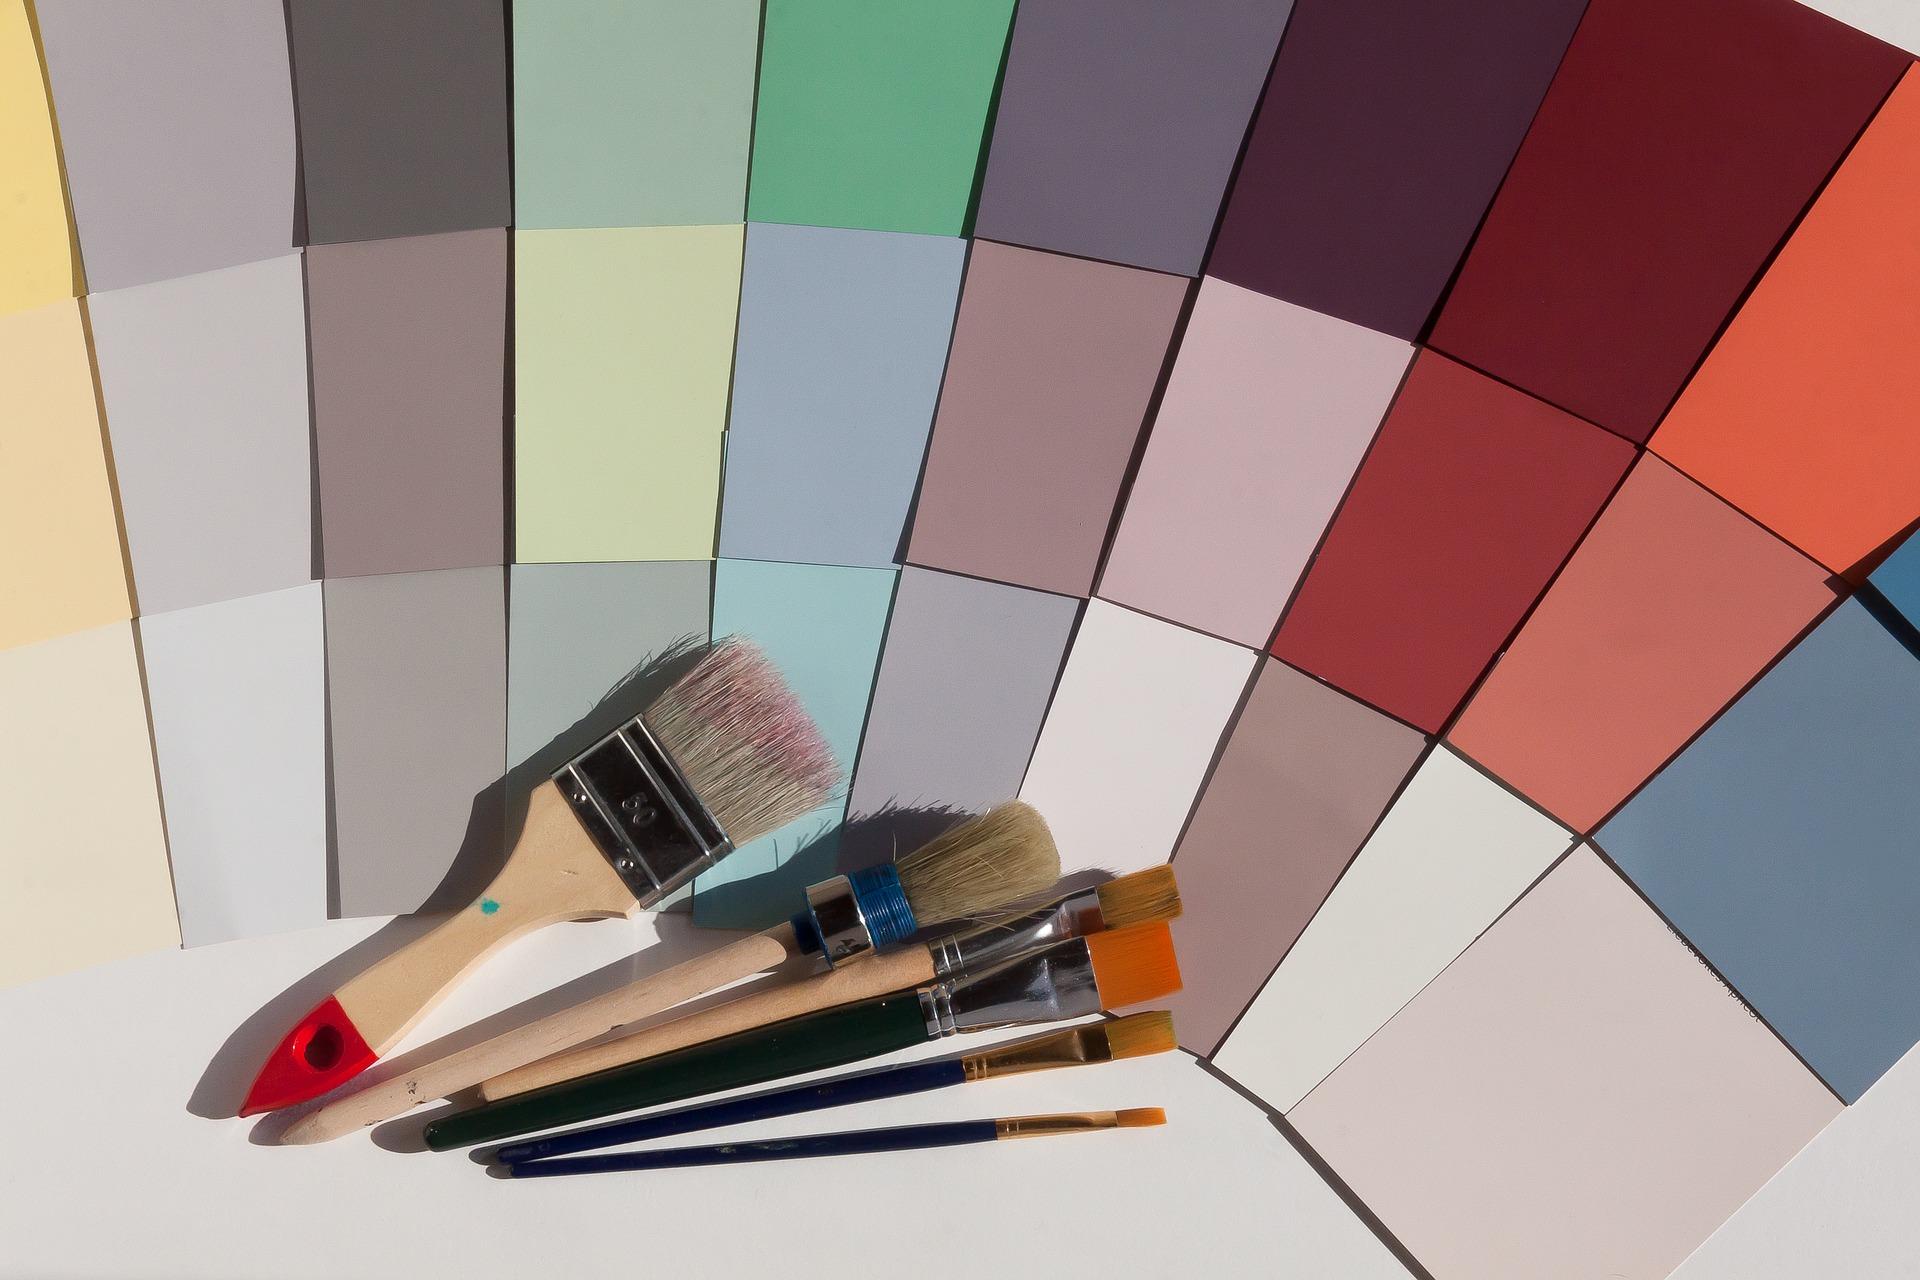 筆と色とりどりの画用紙が広げられている